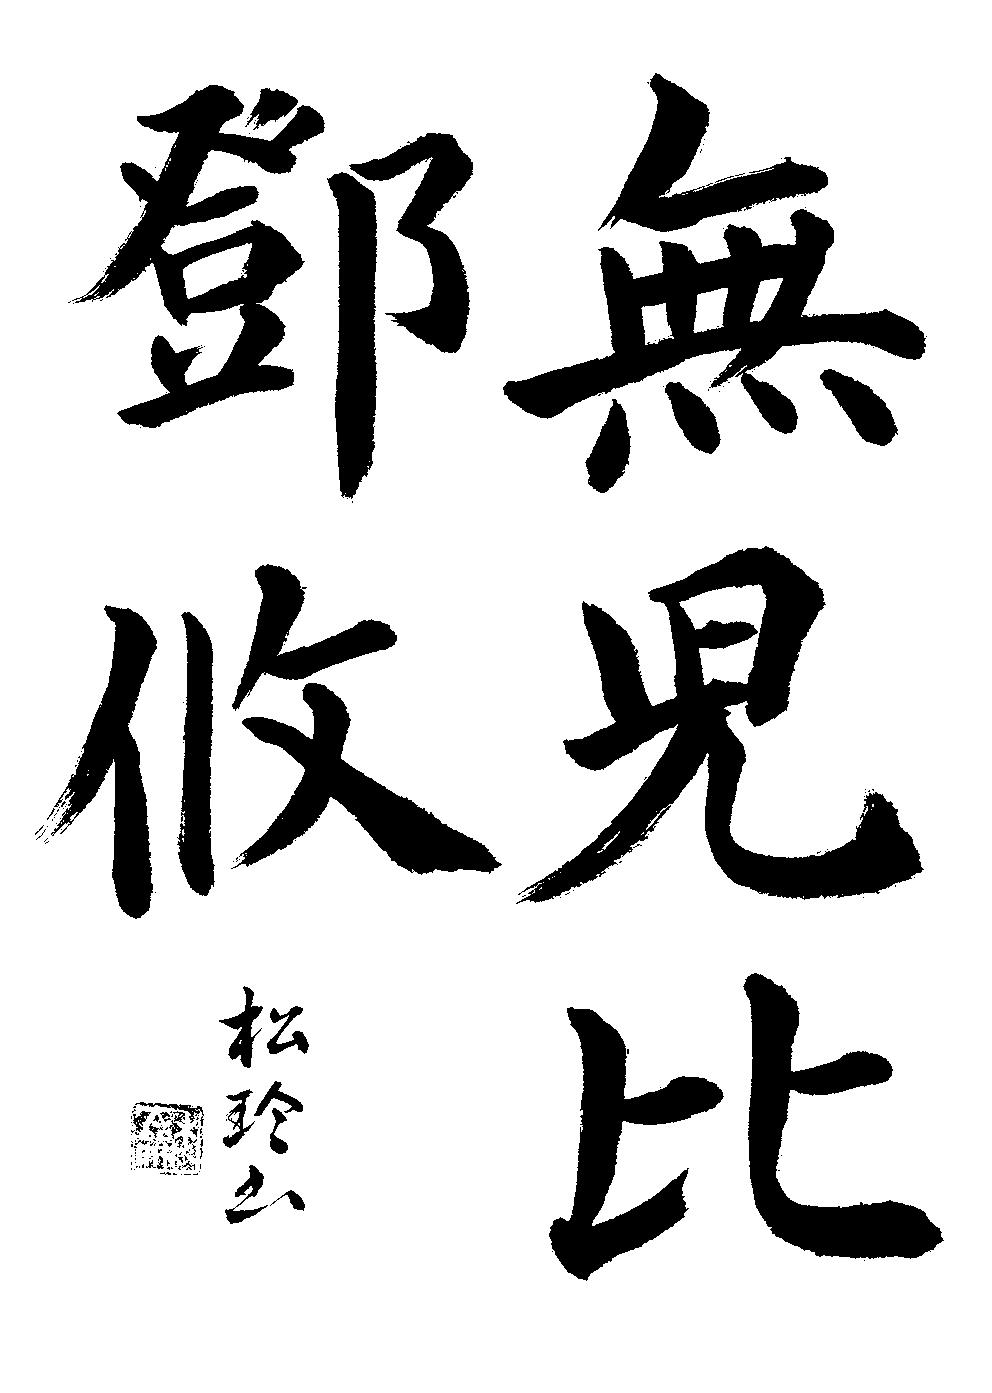 藤井 松玲